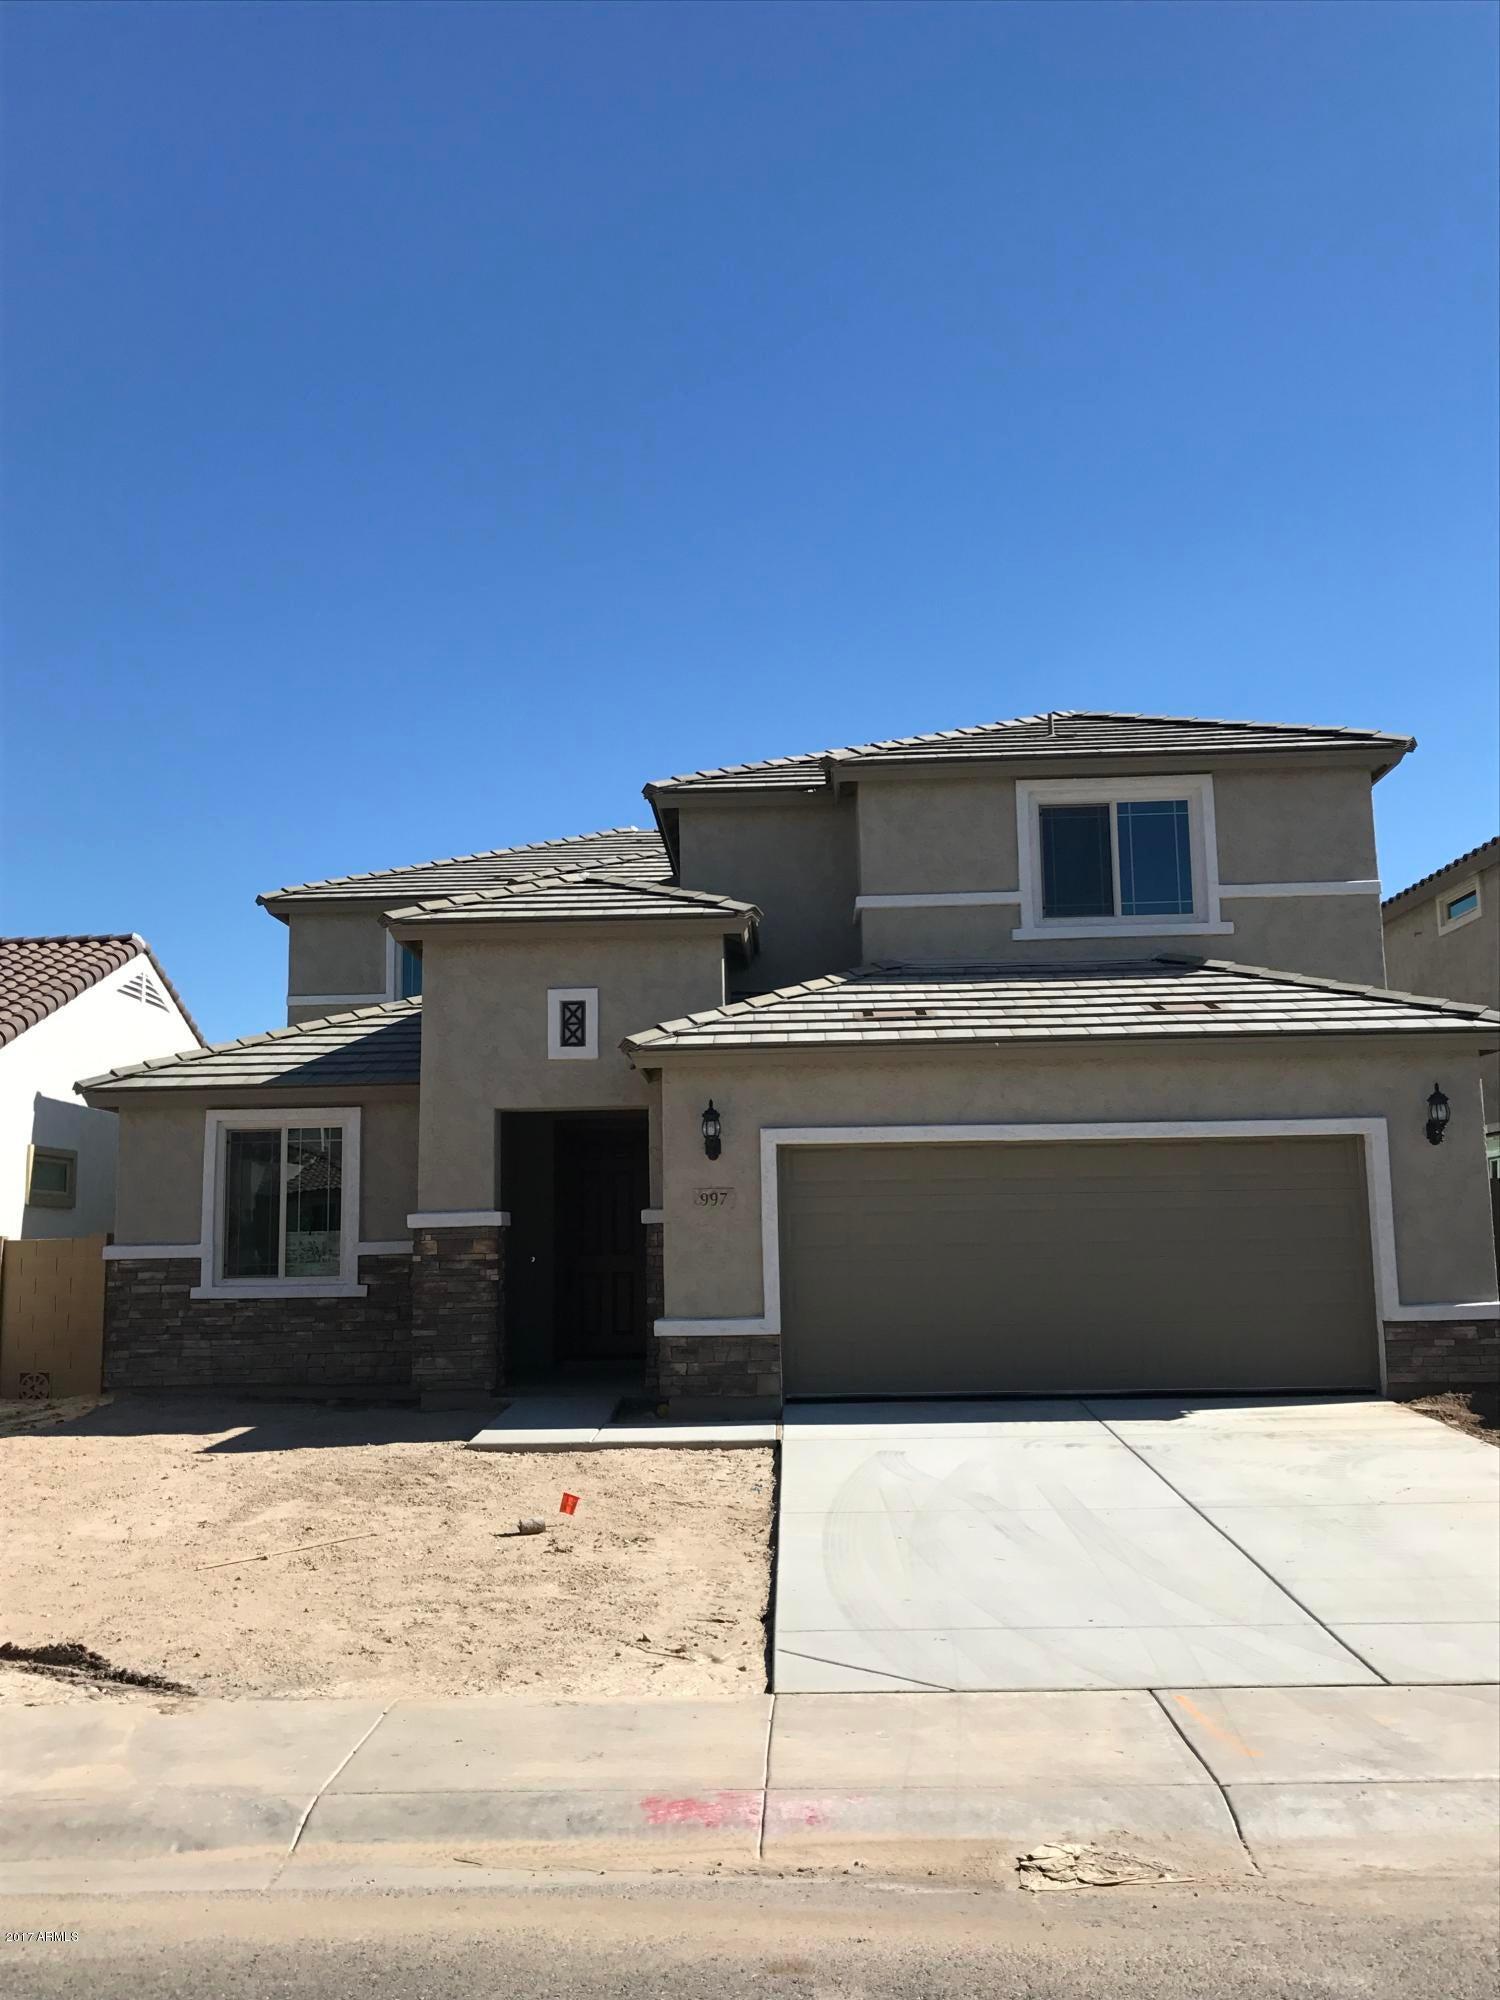 997 W DANISH RED Trail, San Tan Valley, AZ 85143